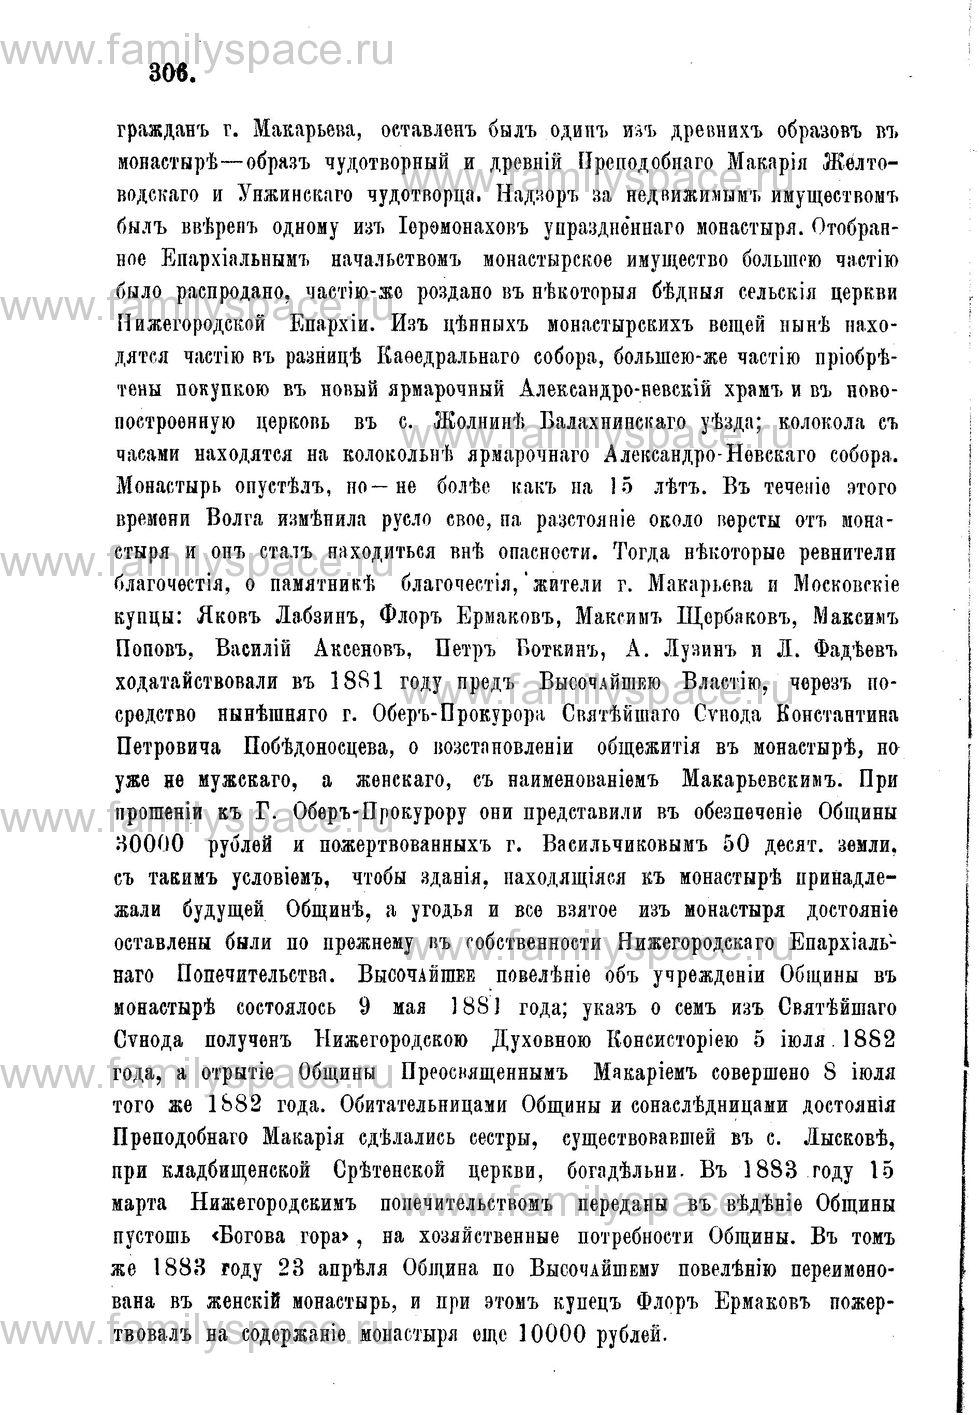 Поиск по фамилии - Адрес-календарь Нижегородской епархии на 1888 год, страница 1306